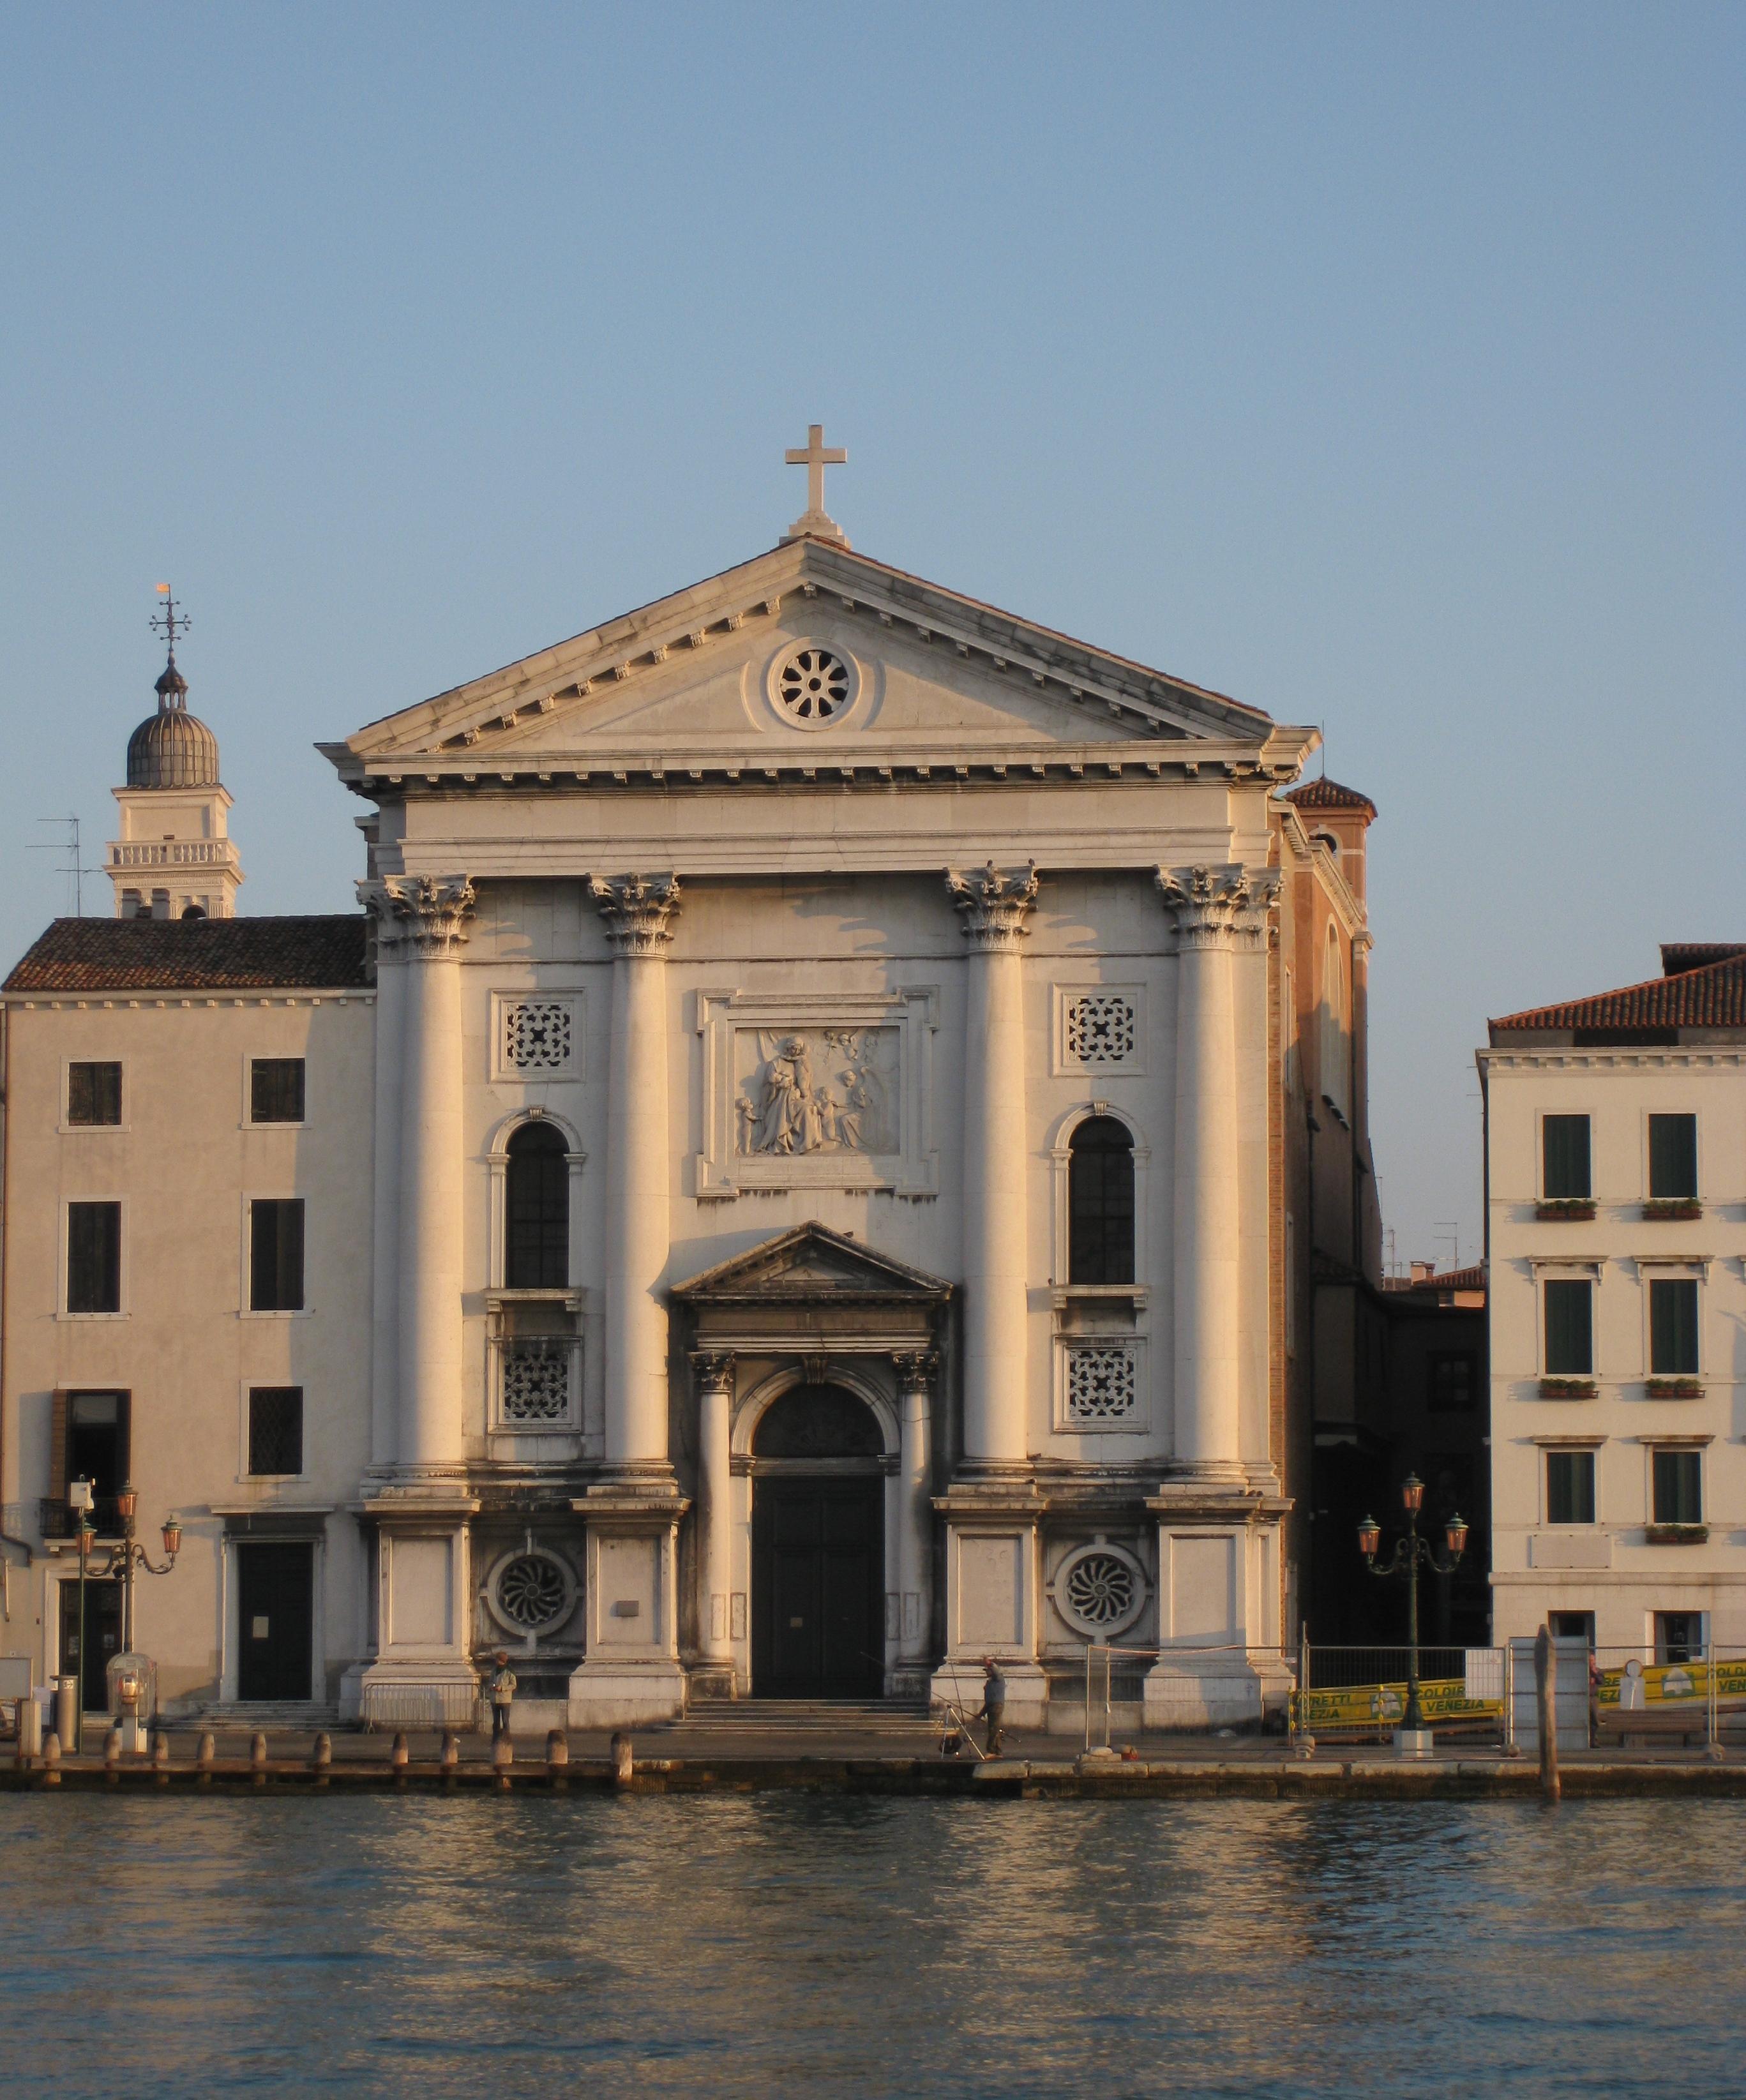 File:Venezia - Chiesa della Pietà.jpg - Wikipedia